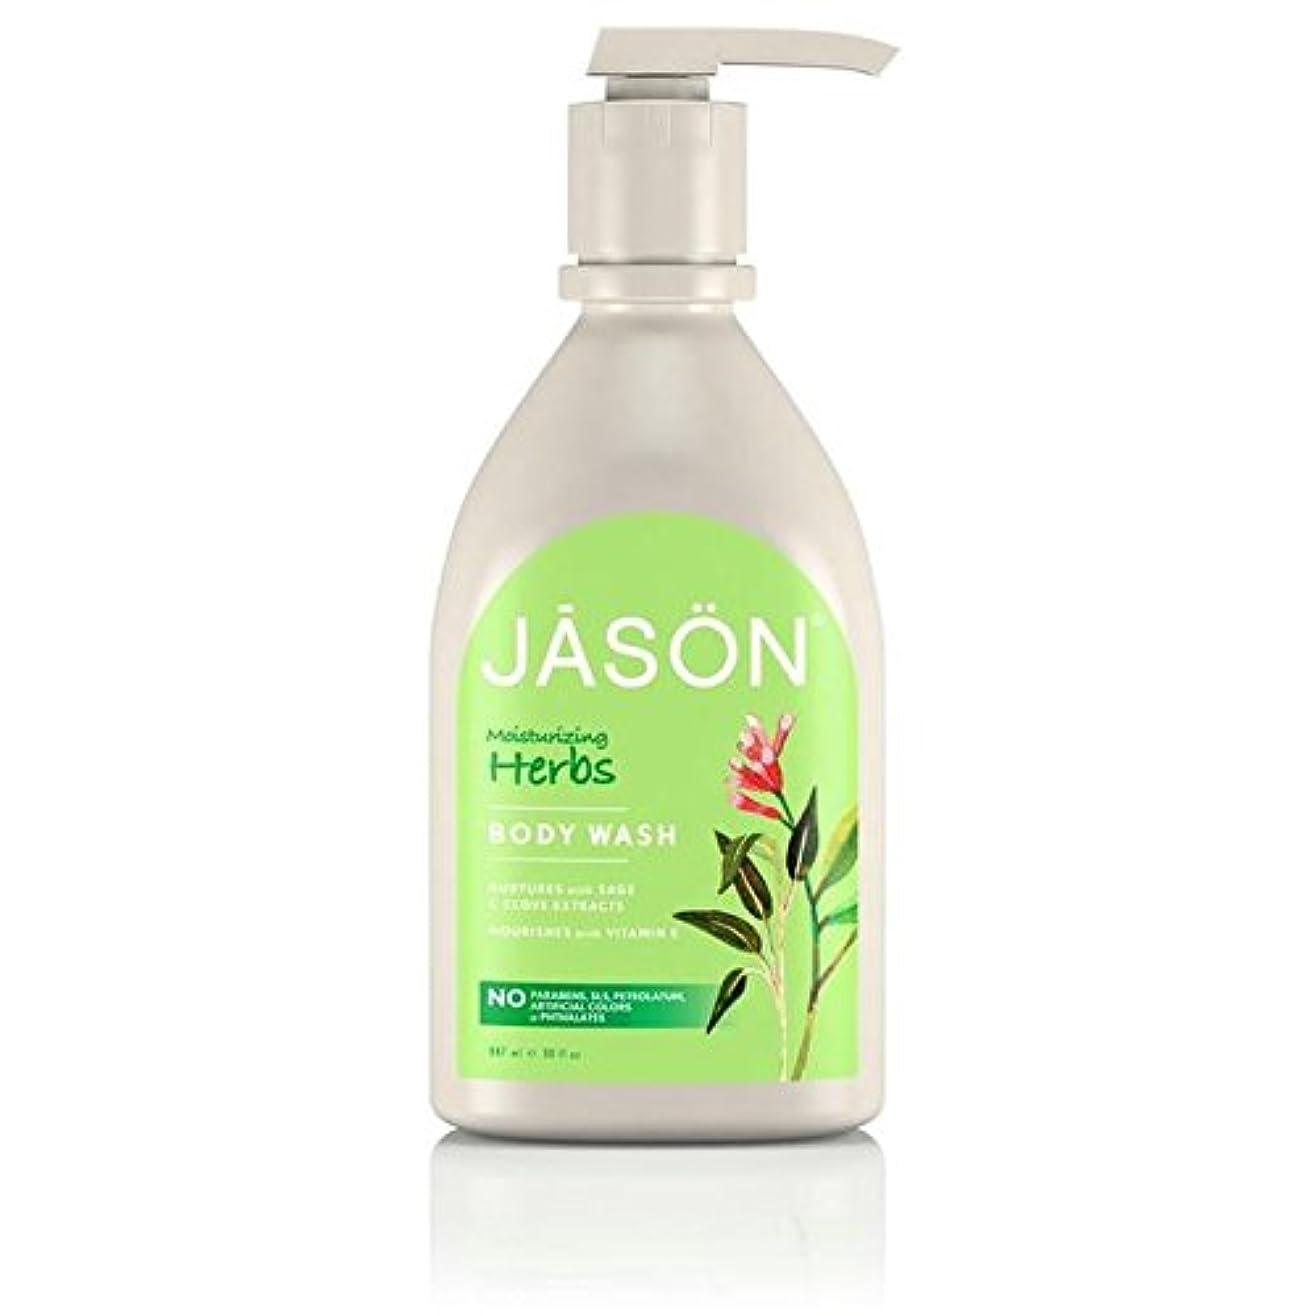 冷蔵するぺディカブ尋ねるJason Herbal Satin Body Wash Pump 900ml (Pack of 6) - ジェイソン?ハーブサテンボディウォッシュポンプ900ミリリットル x6 [並行輸入品]